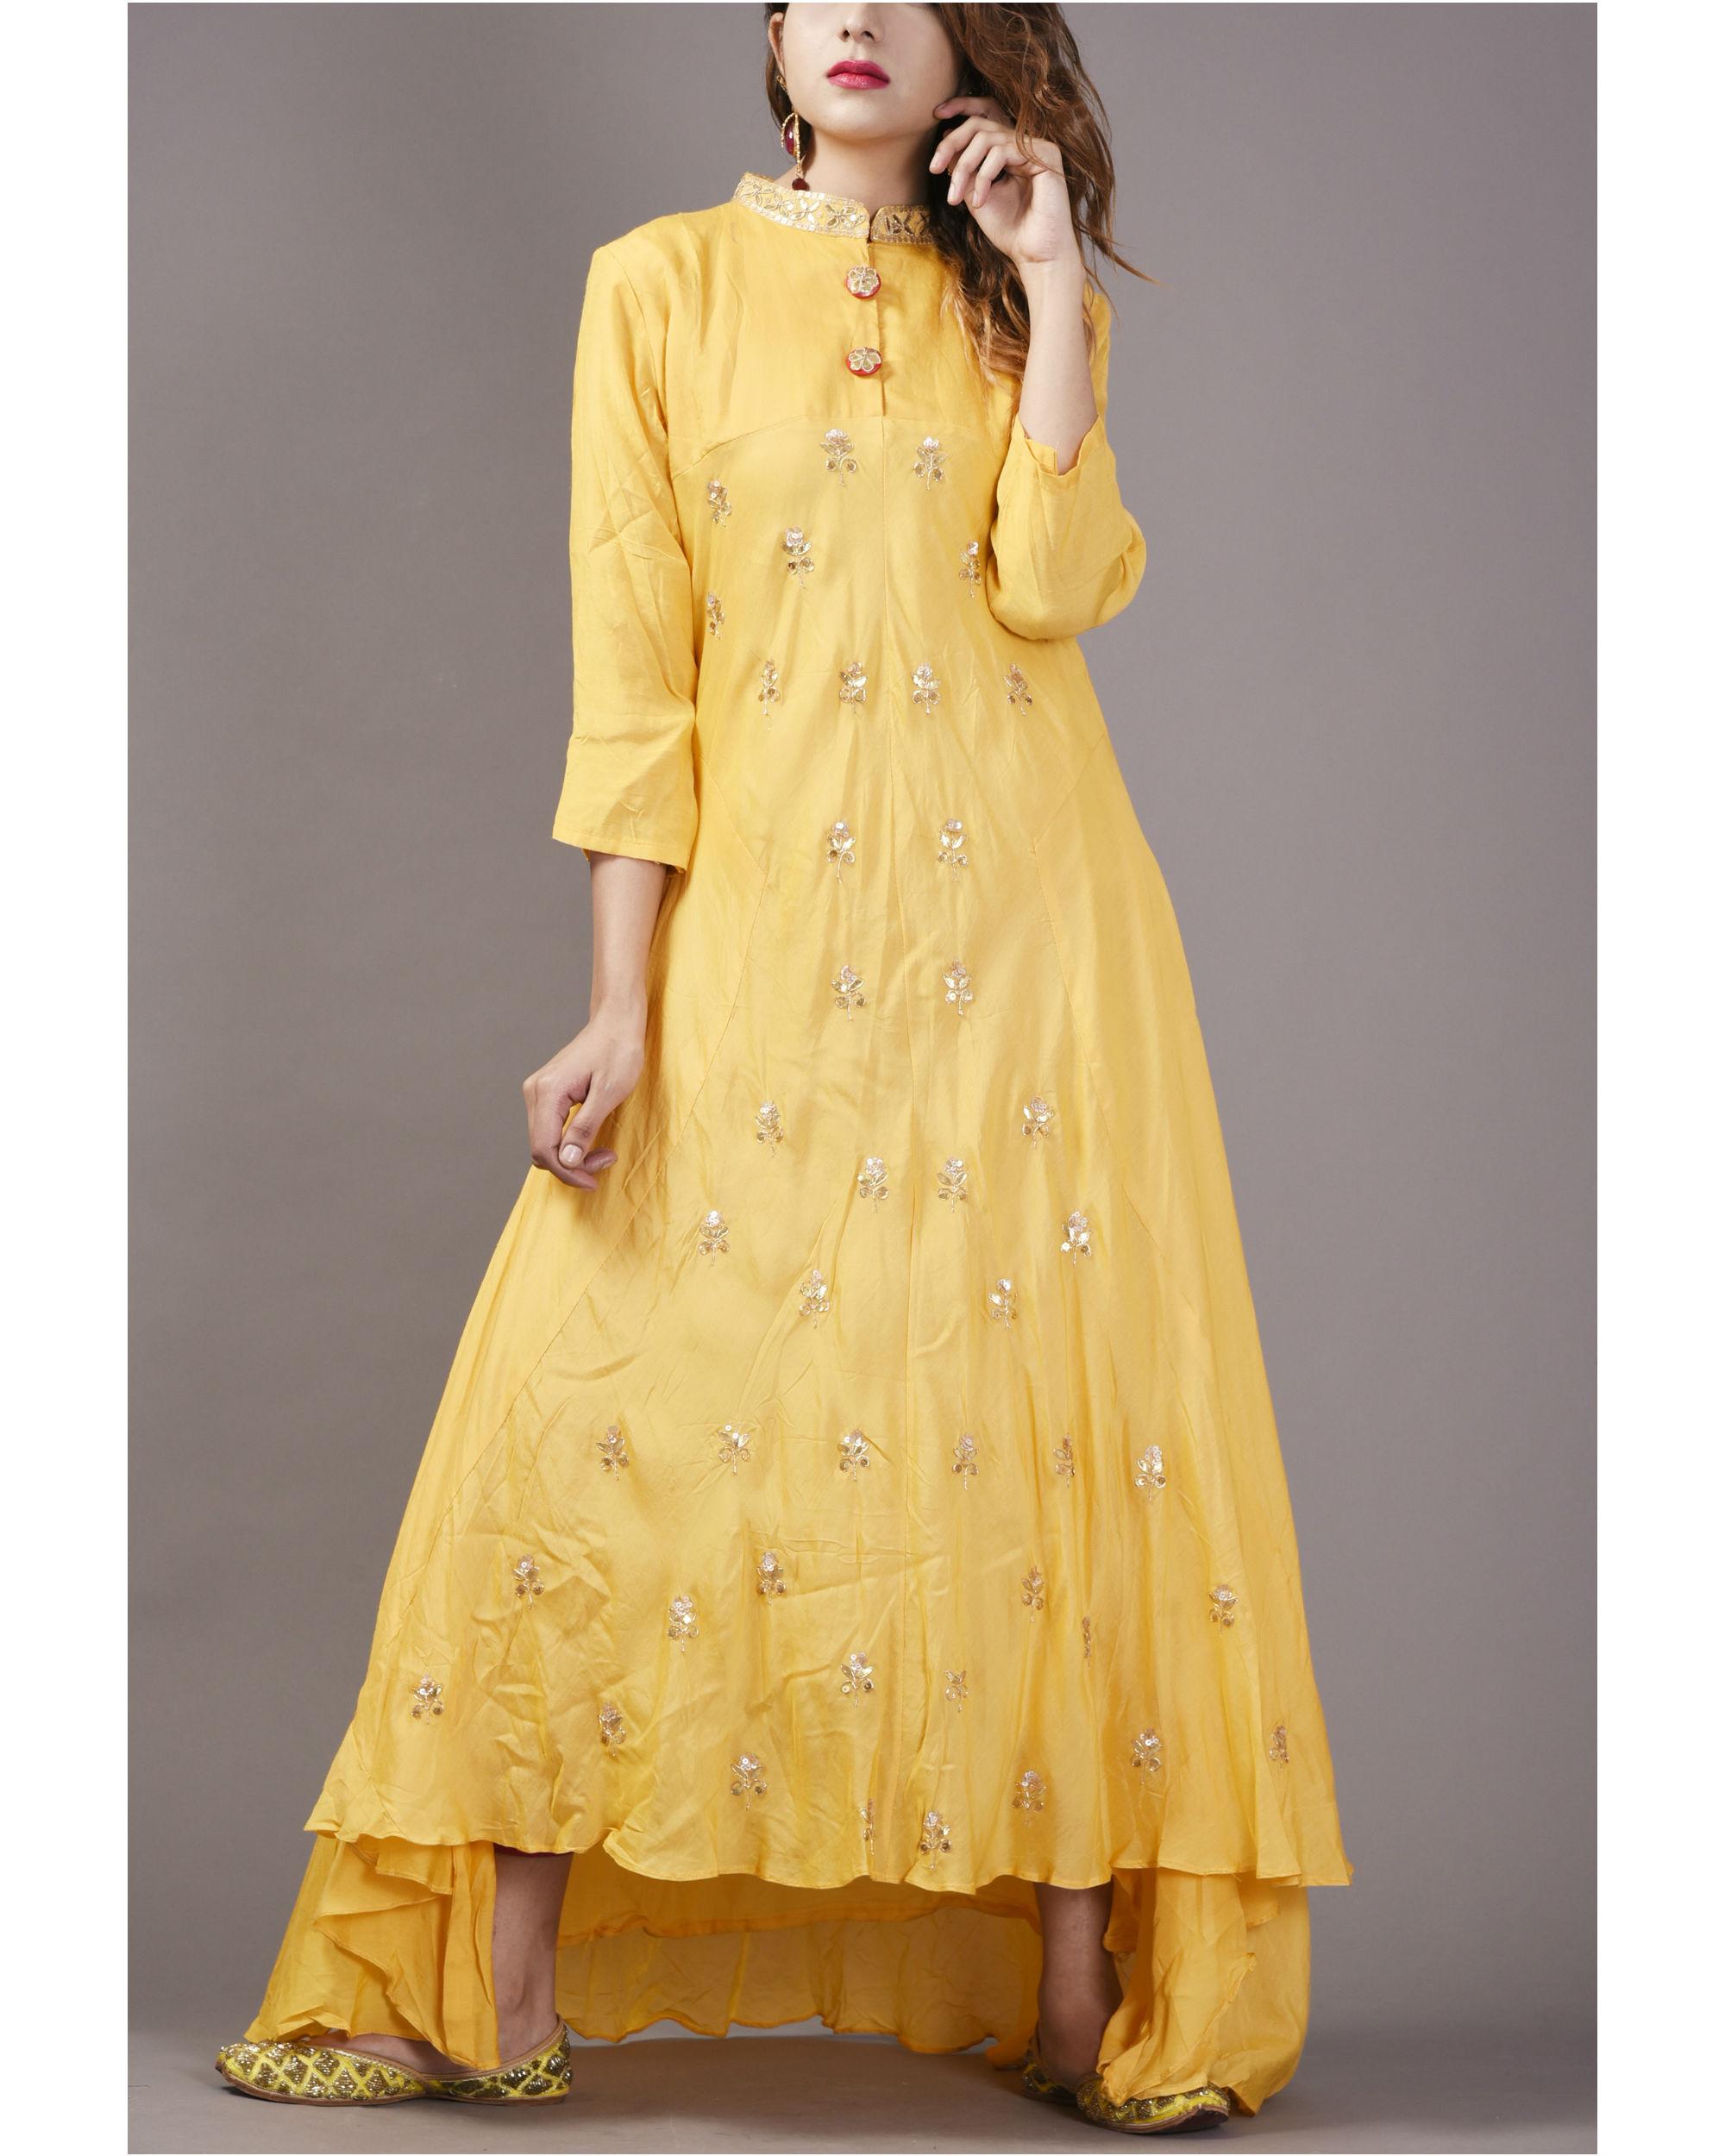 High low butterscotch dress